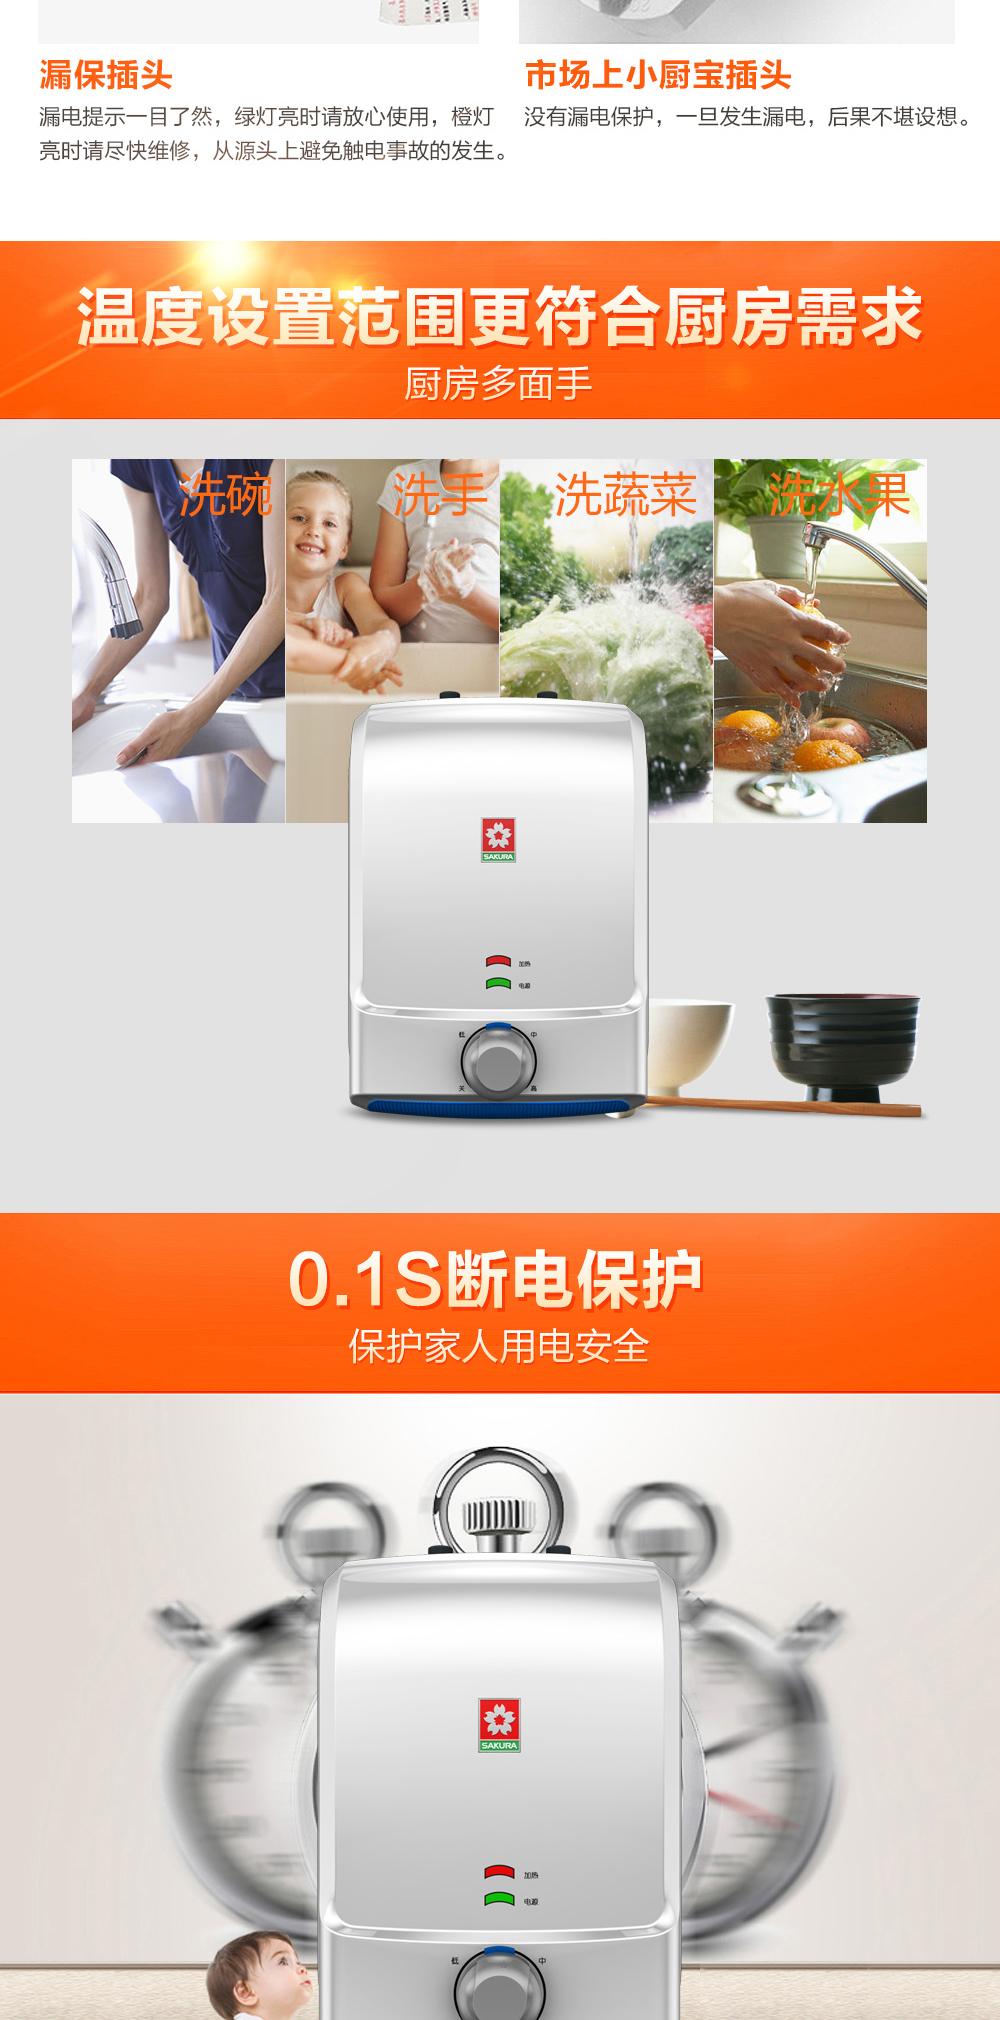 樱花电热水器 - 厨房专用机